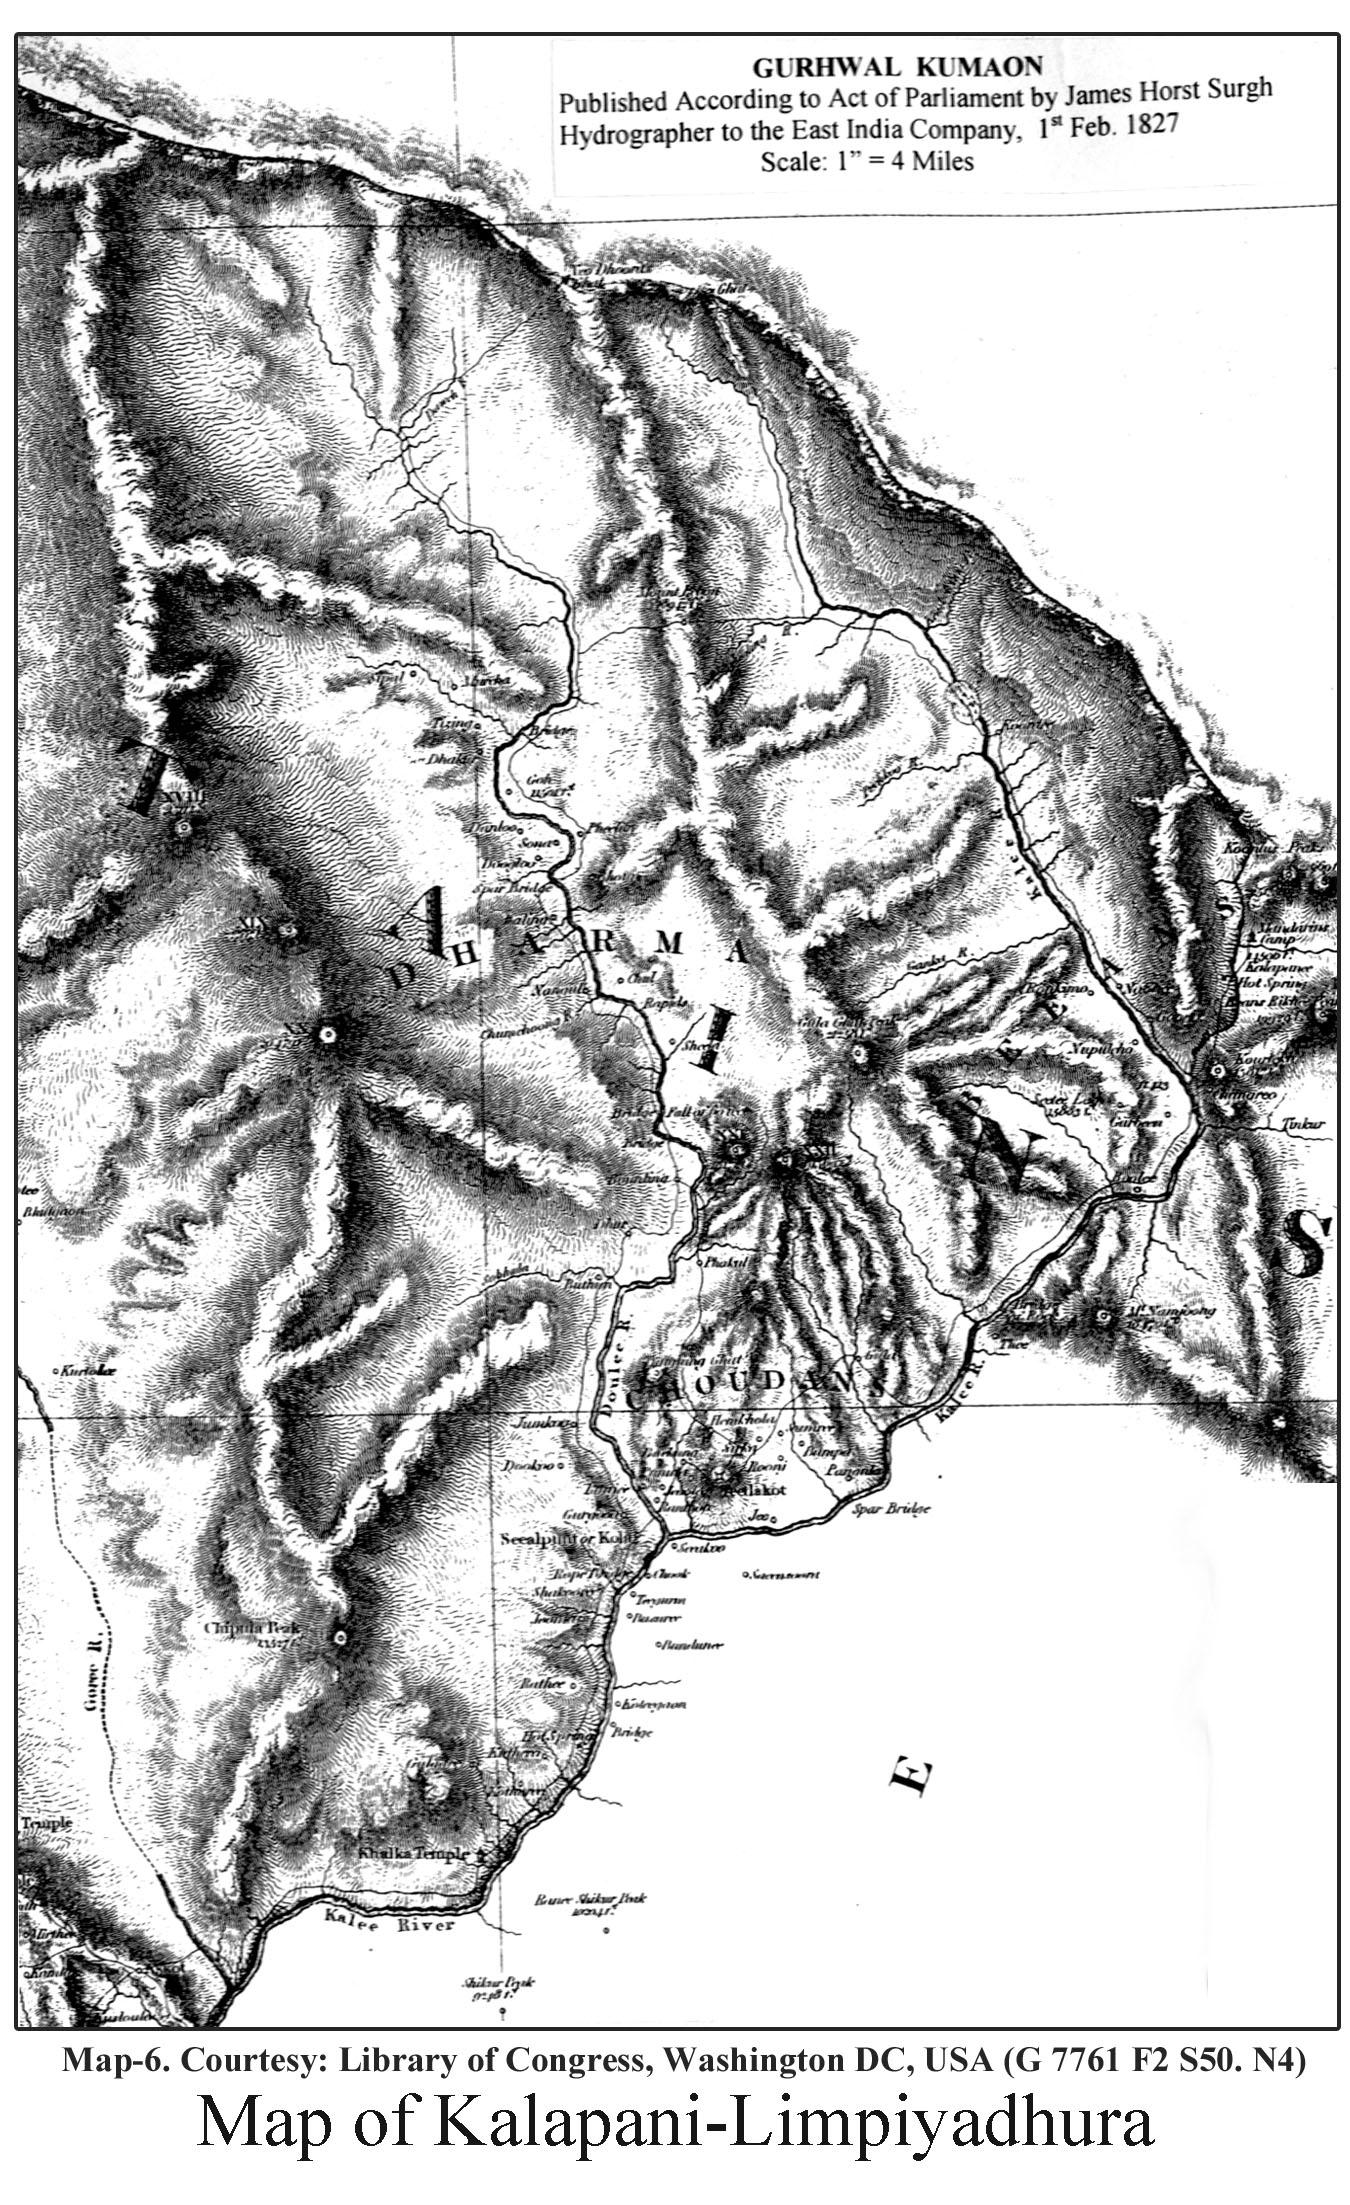 map-of-kalapani-limpiyadhura-copy